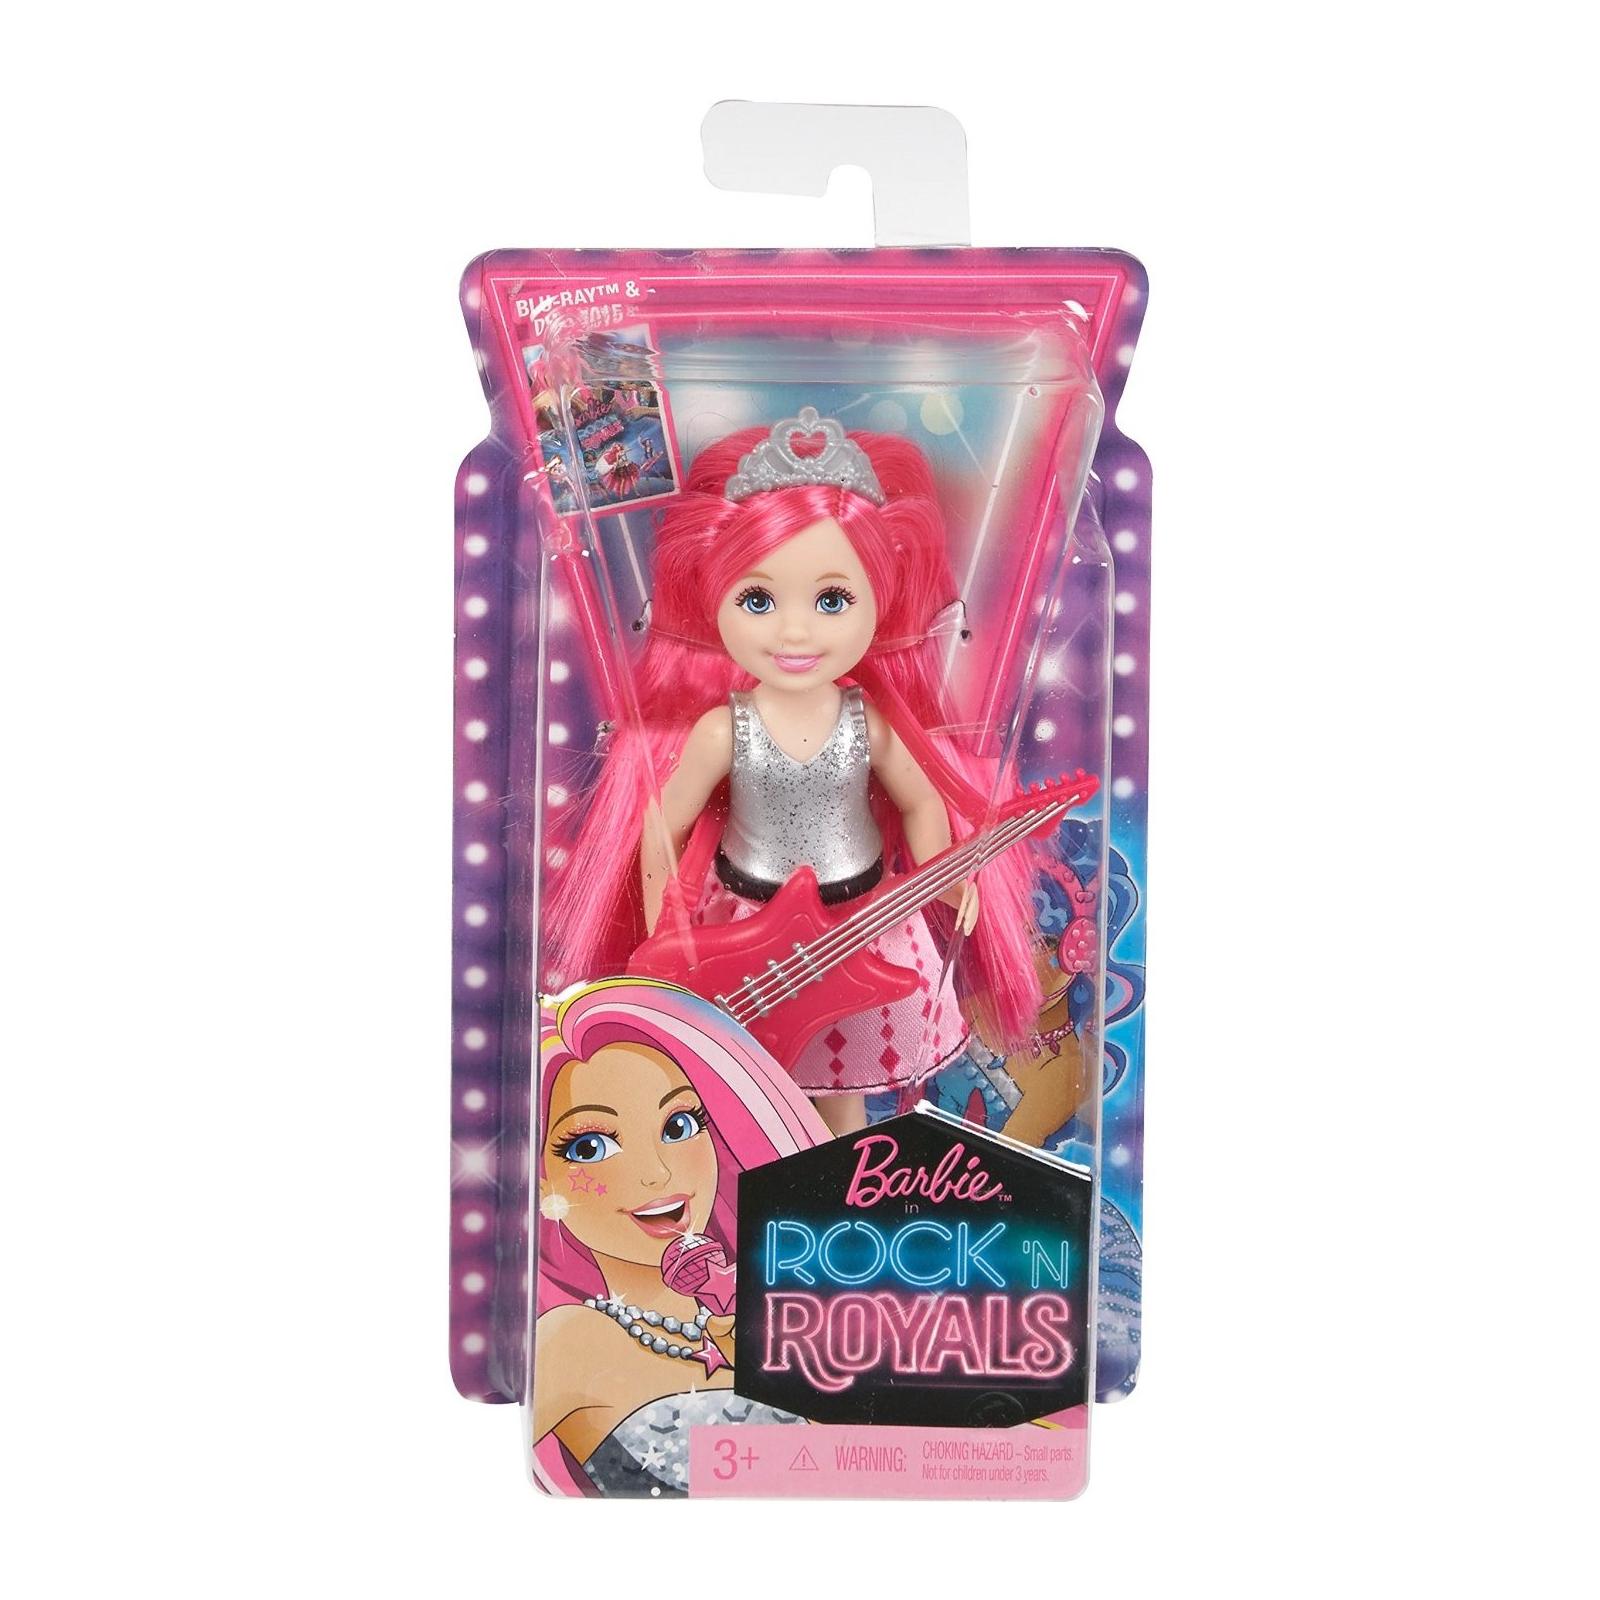 Кукла BARBIE Челси из м/ф Барби: Рок-принцесса с гитарой (CKB68-3) изображение 4